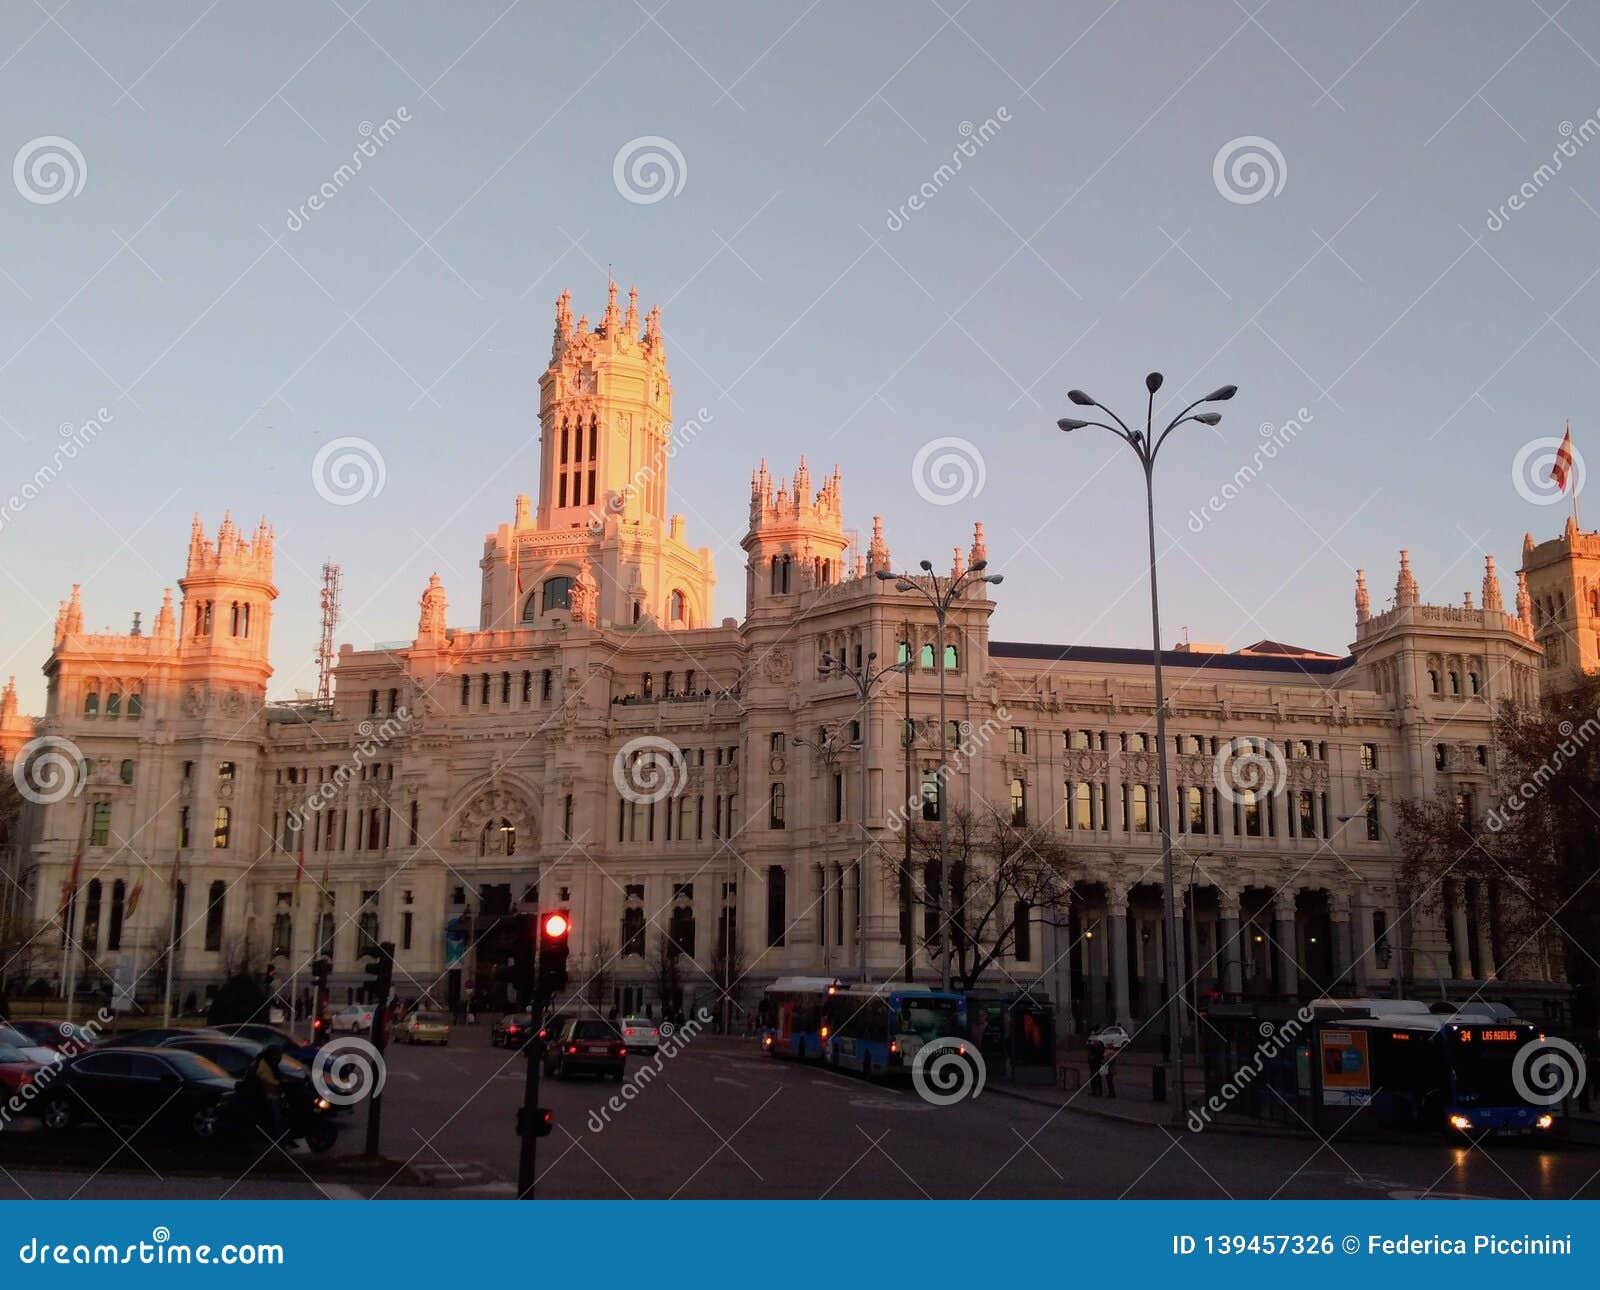 Pink Shades On Palacio De Cibeles Madrid Spain Editorial